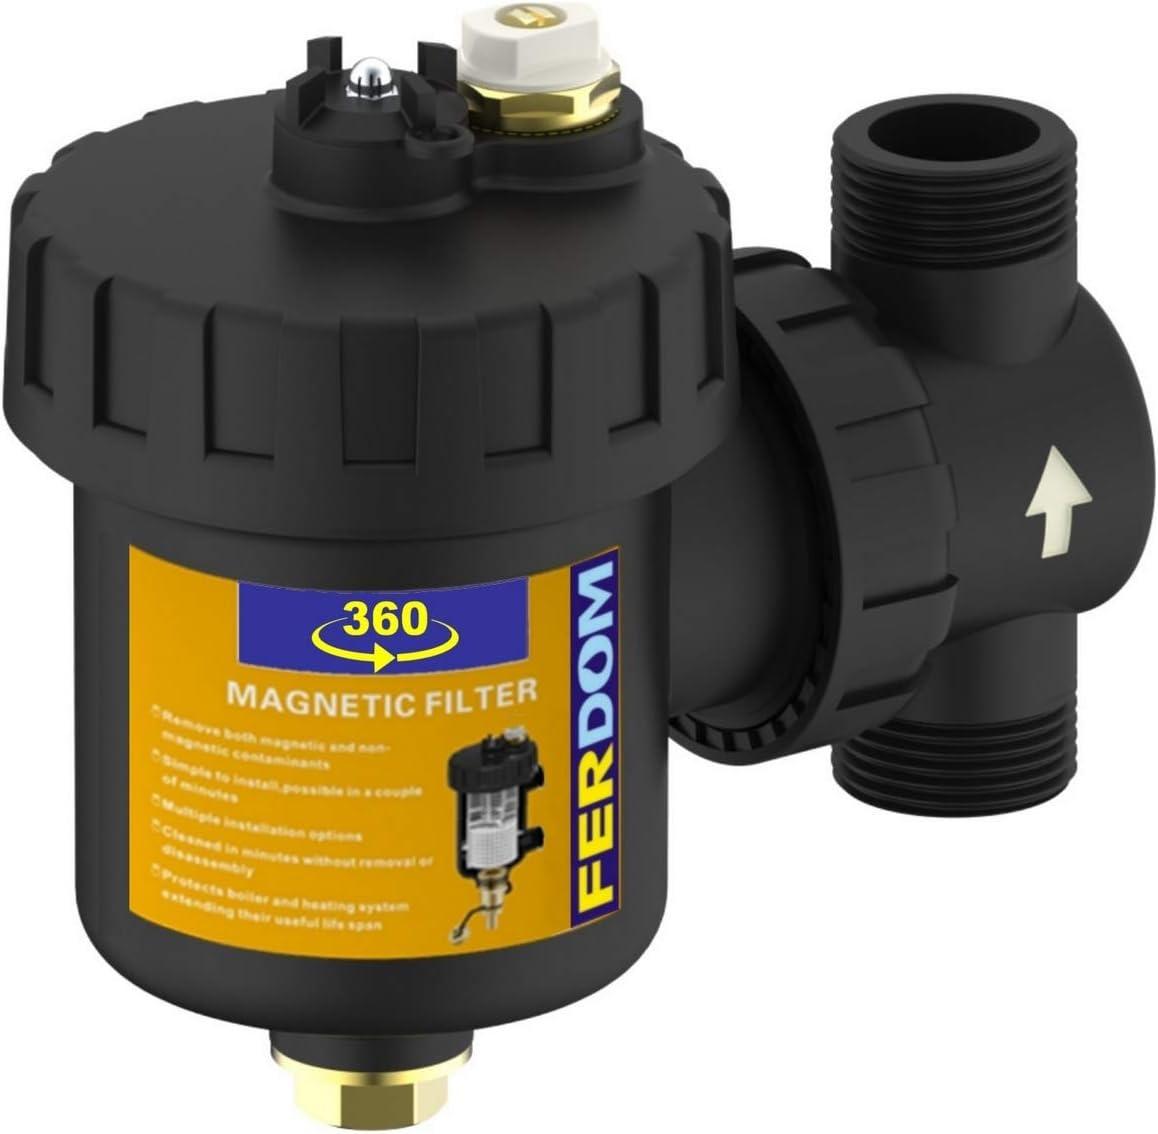 FERDOM FD360 Filtro Magnético Sistemas Calefacción, solar, HVAC. Con separador de suciedad no magnético- tipo bola. Para tubería vertical y horizontal. Imán 9000 Gs. Tamaño 1